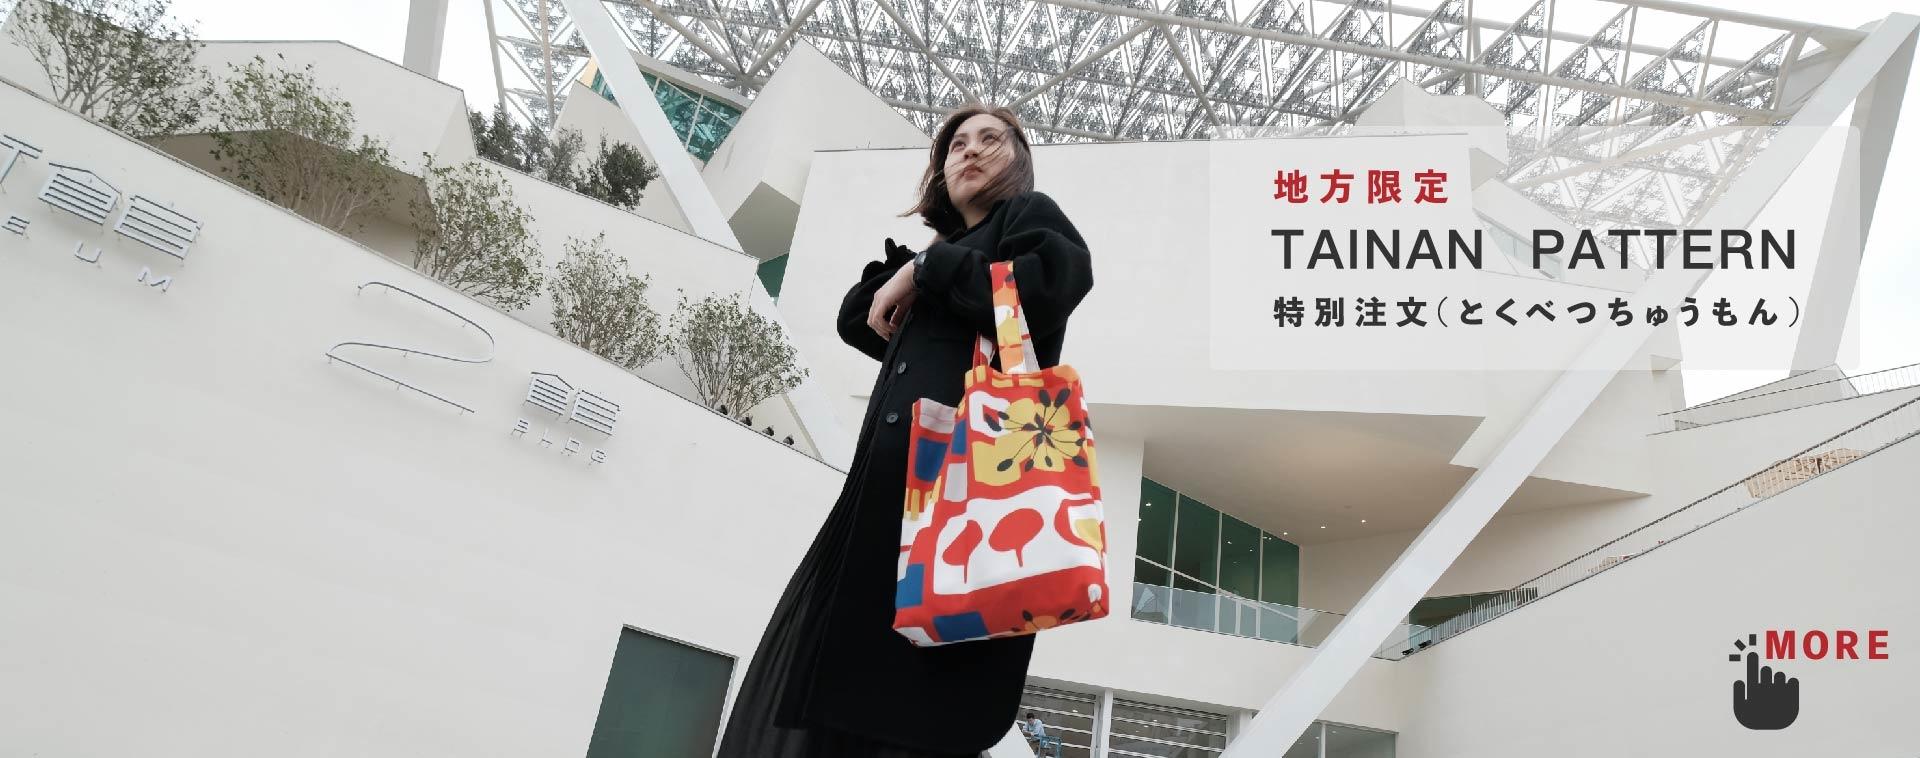 台灣台南地方限定,台南美術館限定印花托特袋